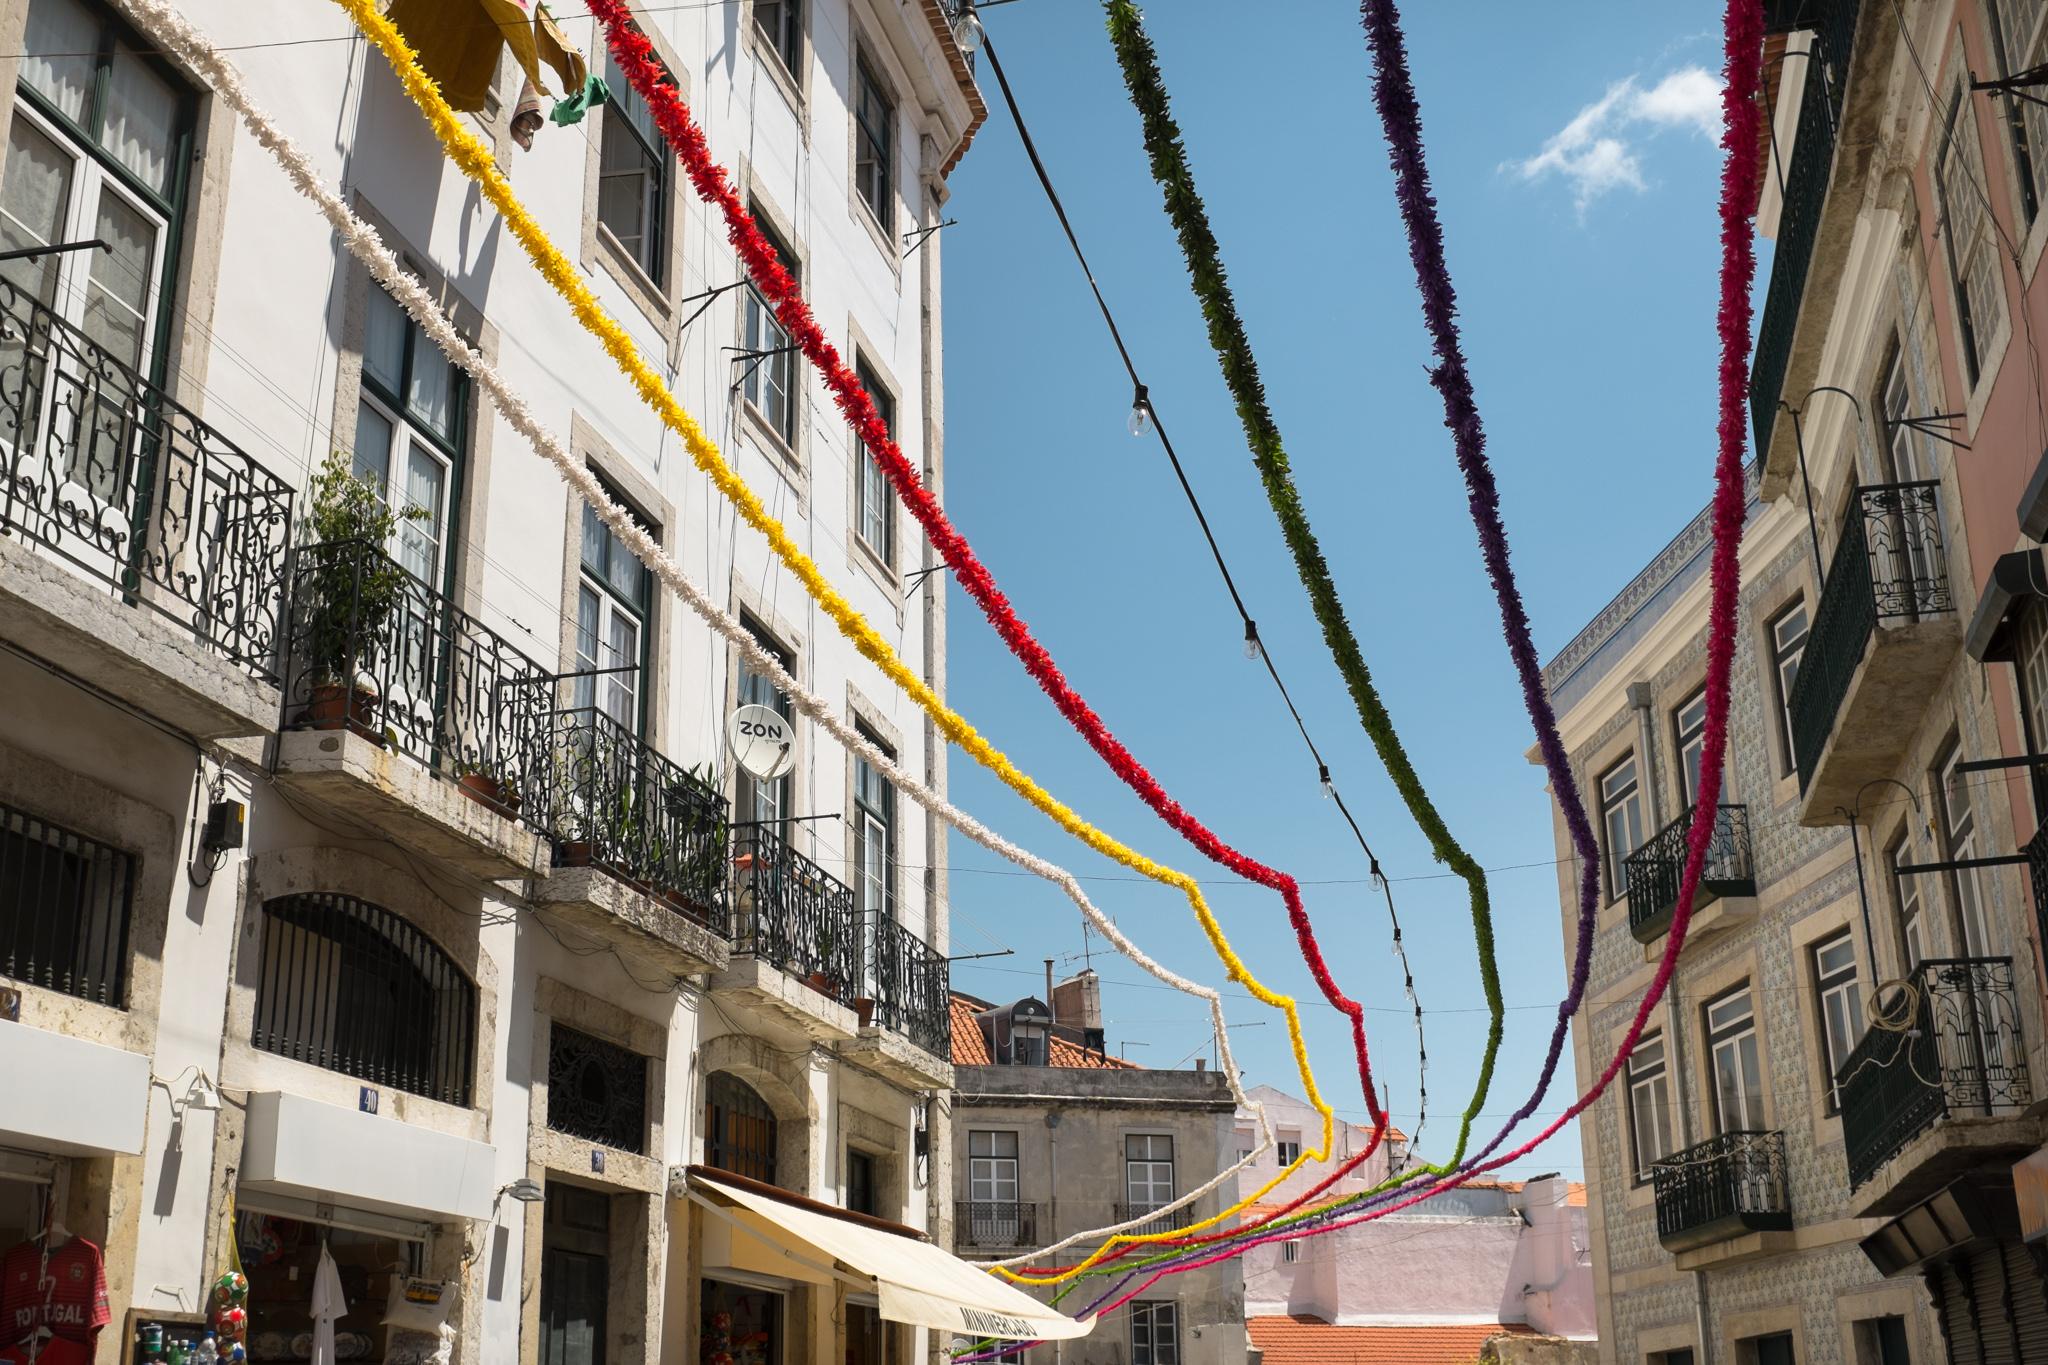 4006-portuguese-architecture-lisbon-porto.jpg